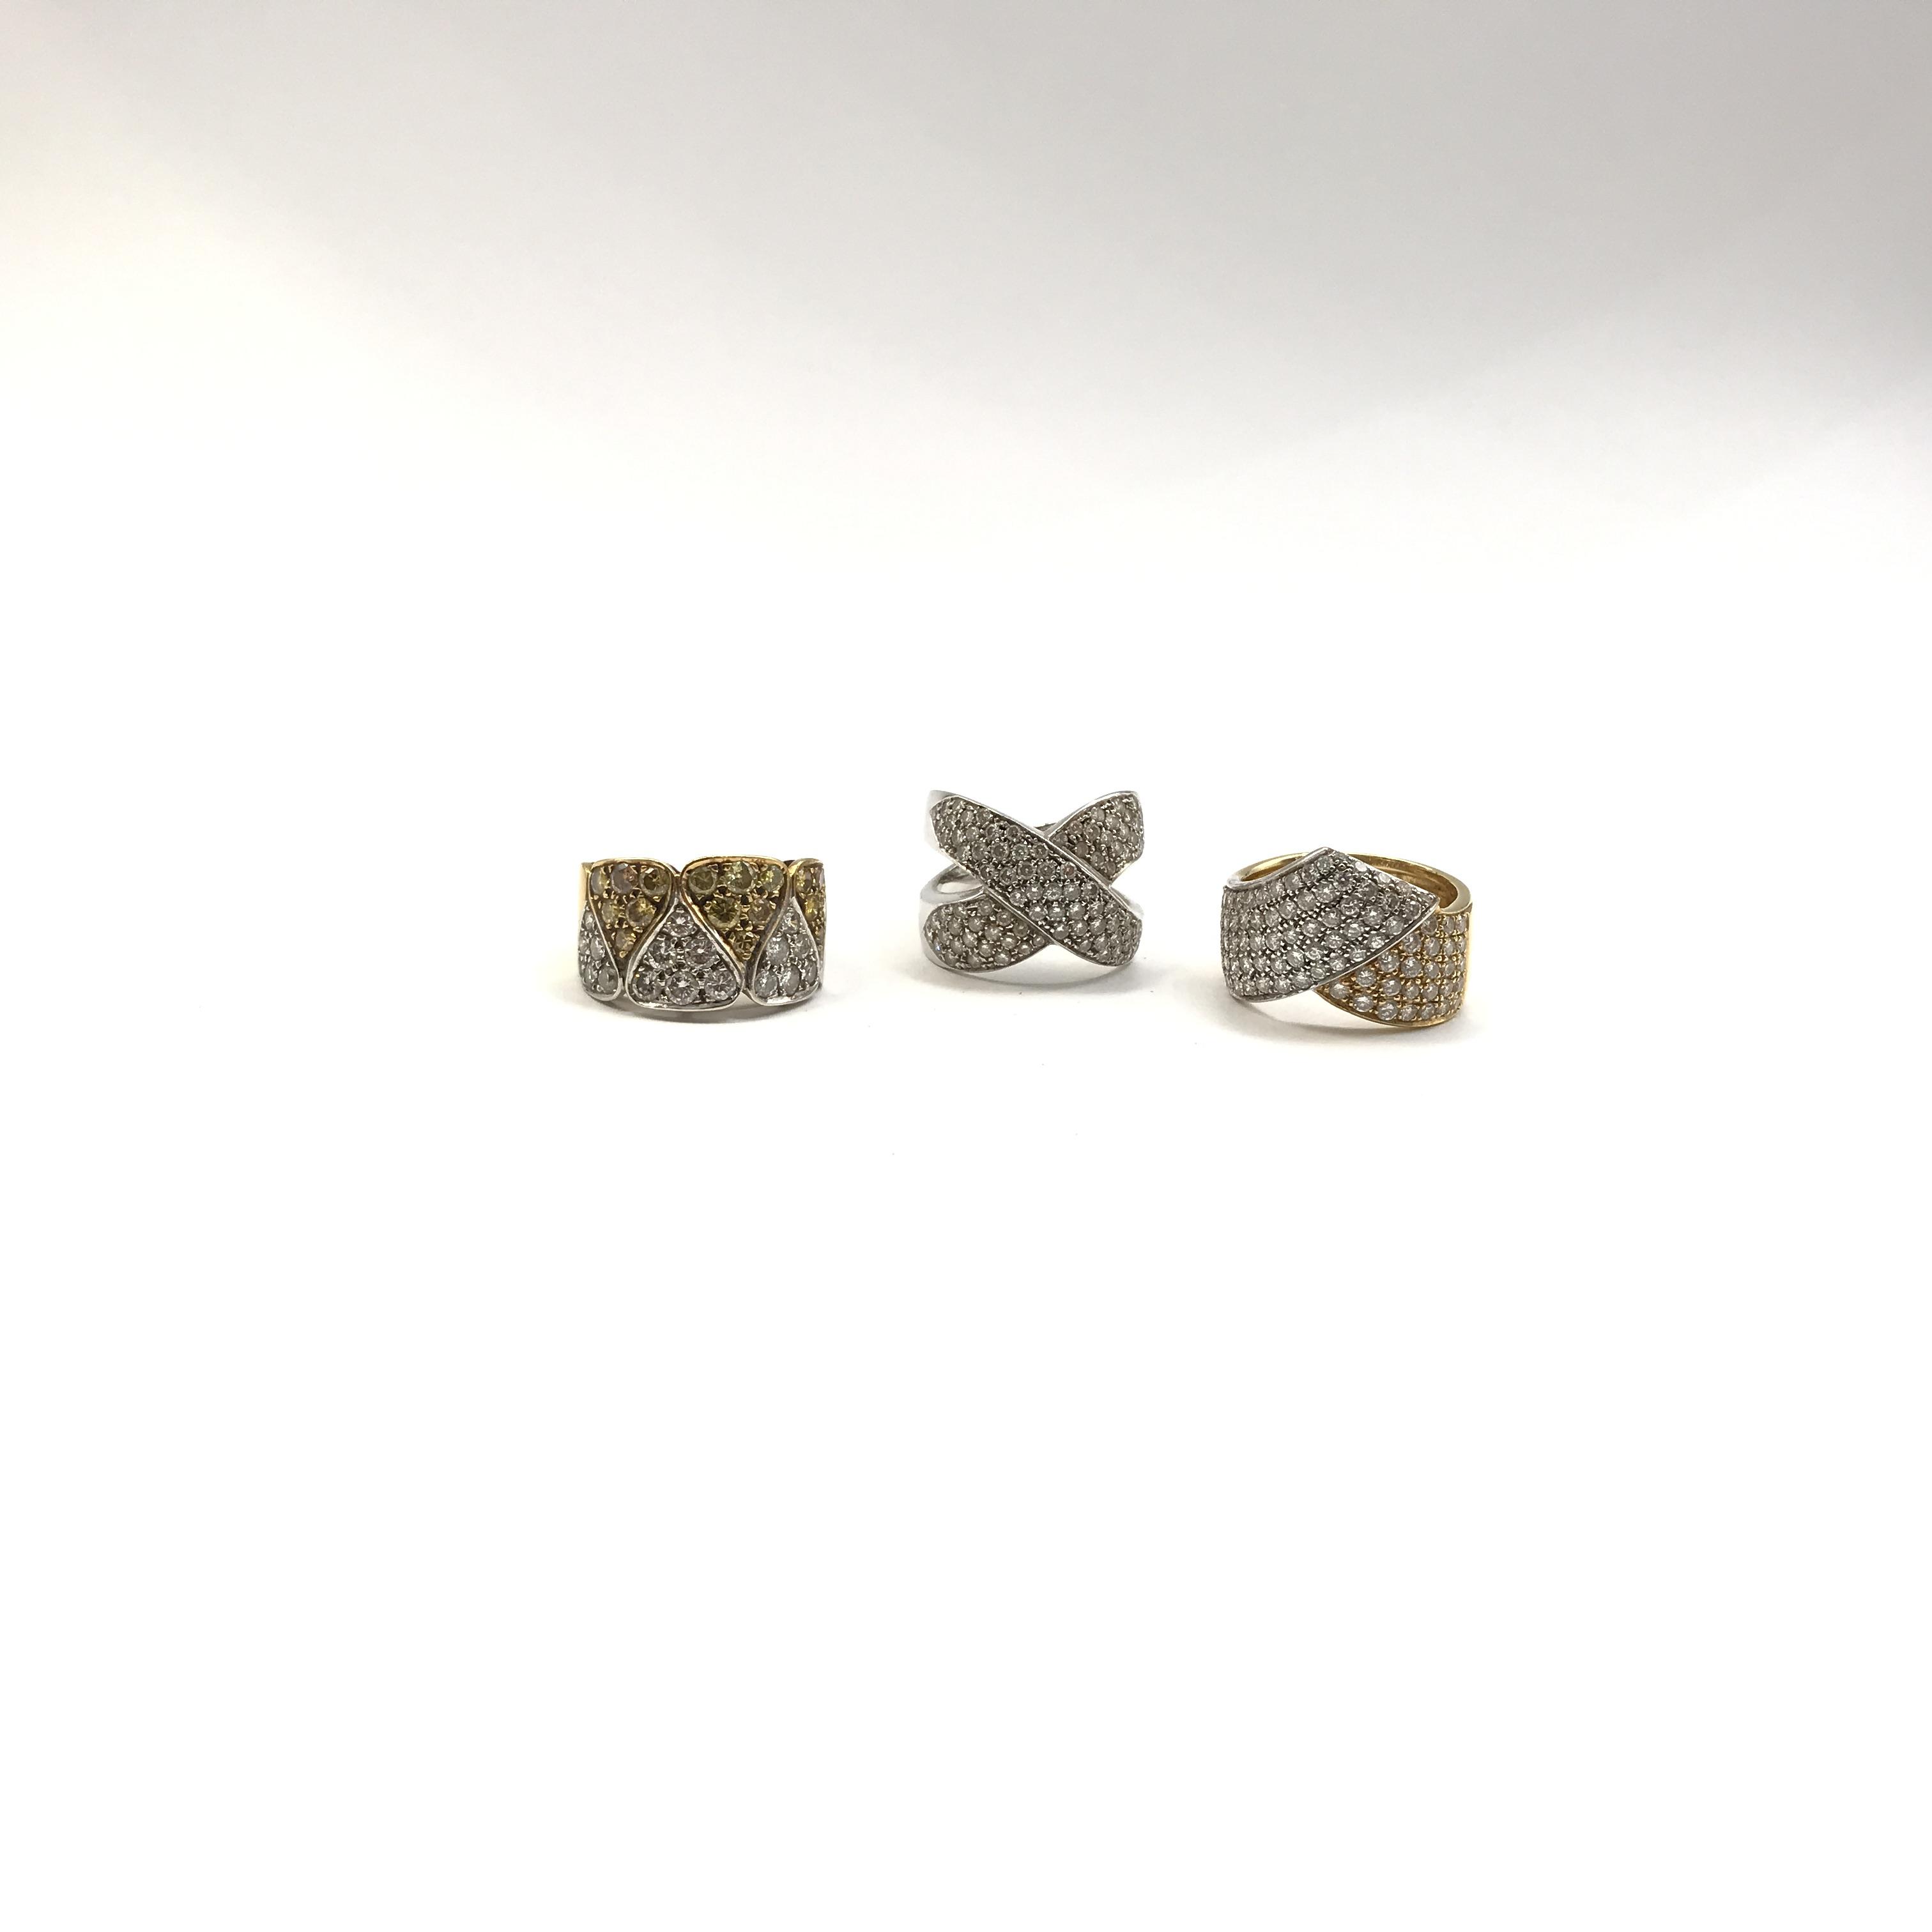 in oro bicolore 18kt e diamanti incolore e fancy